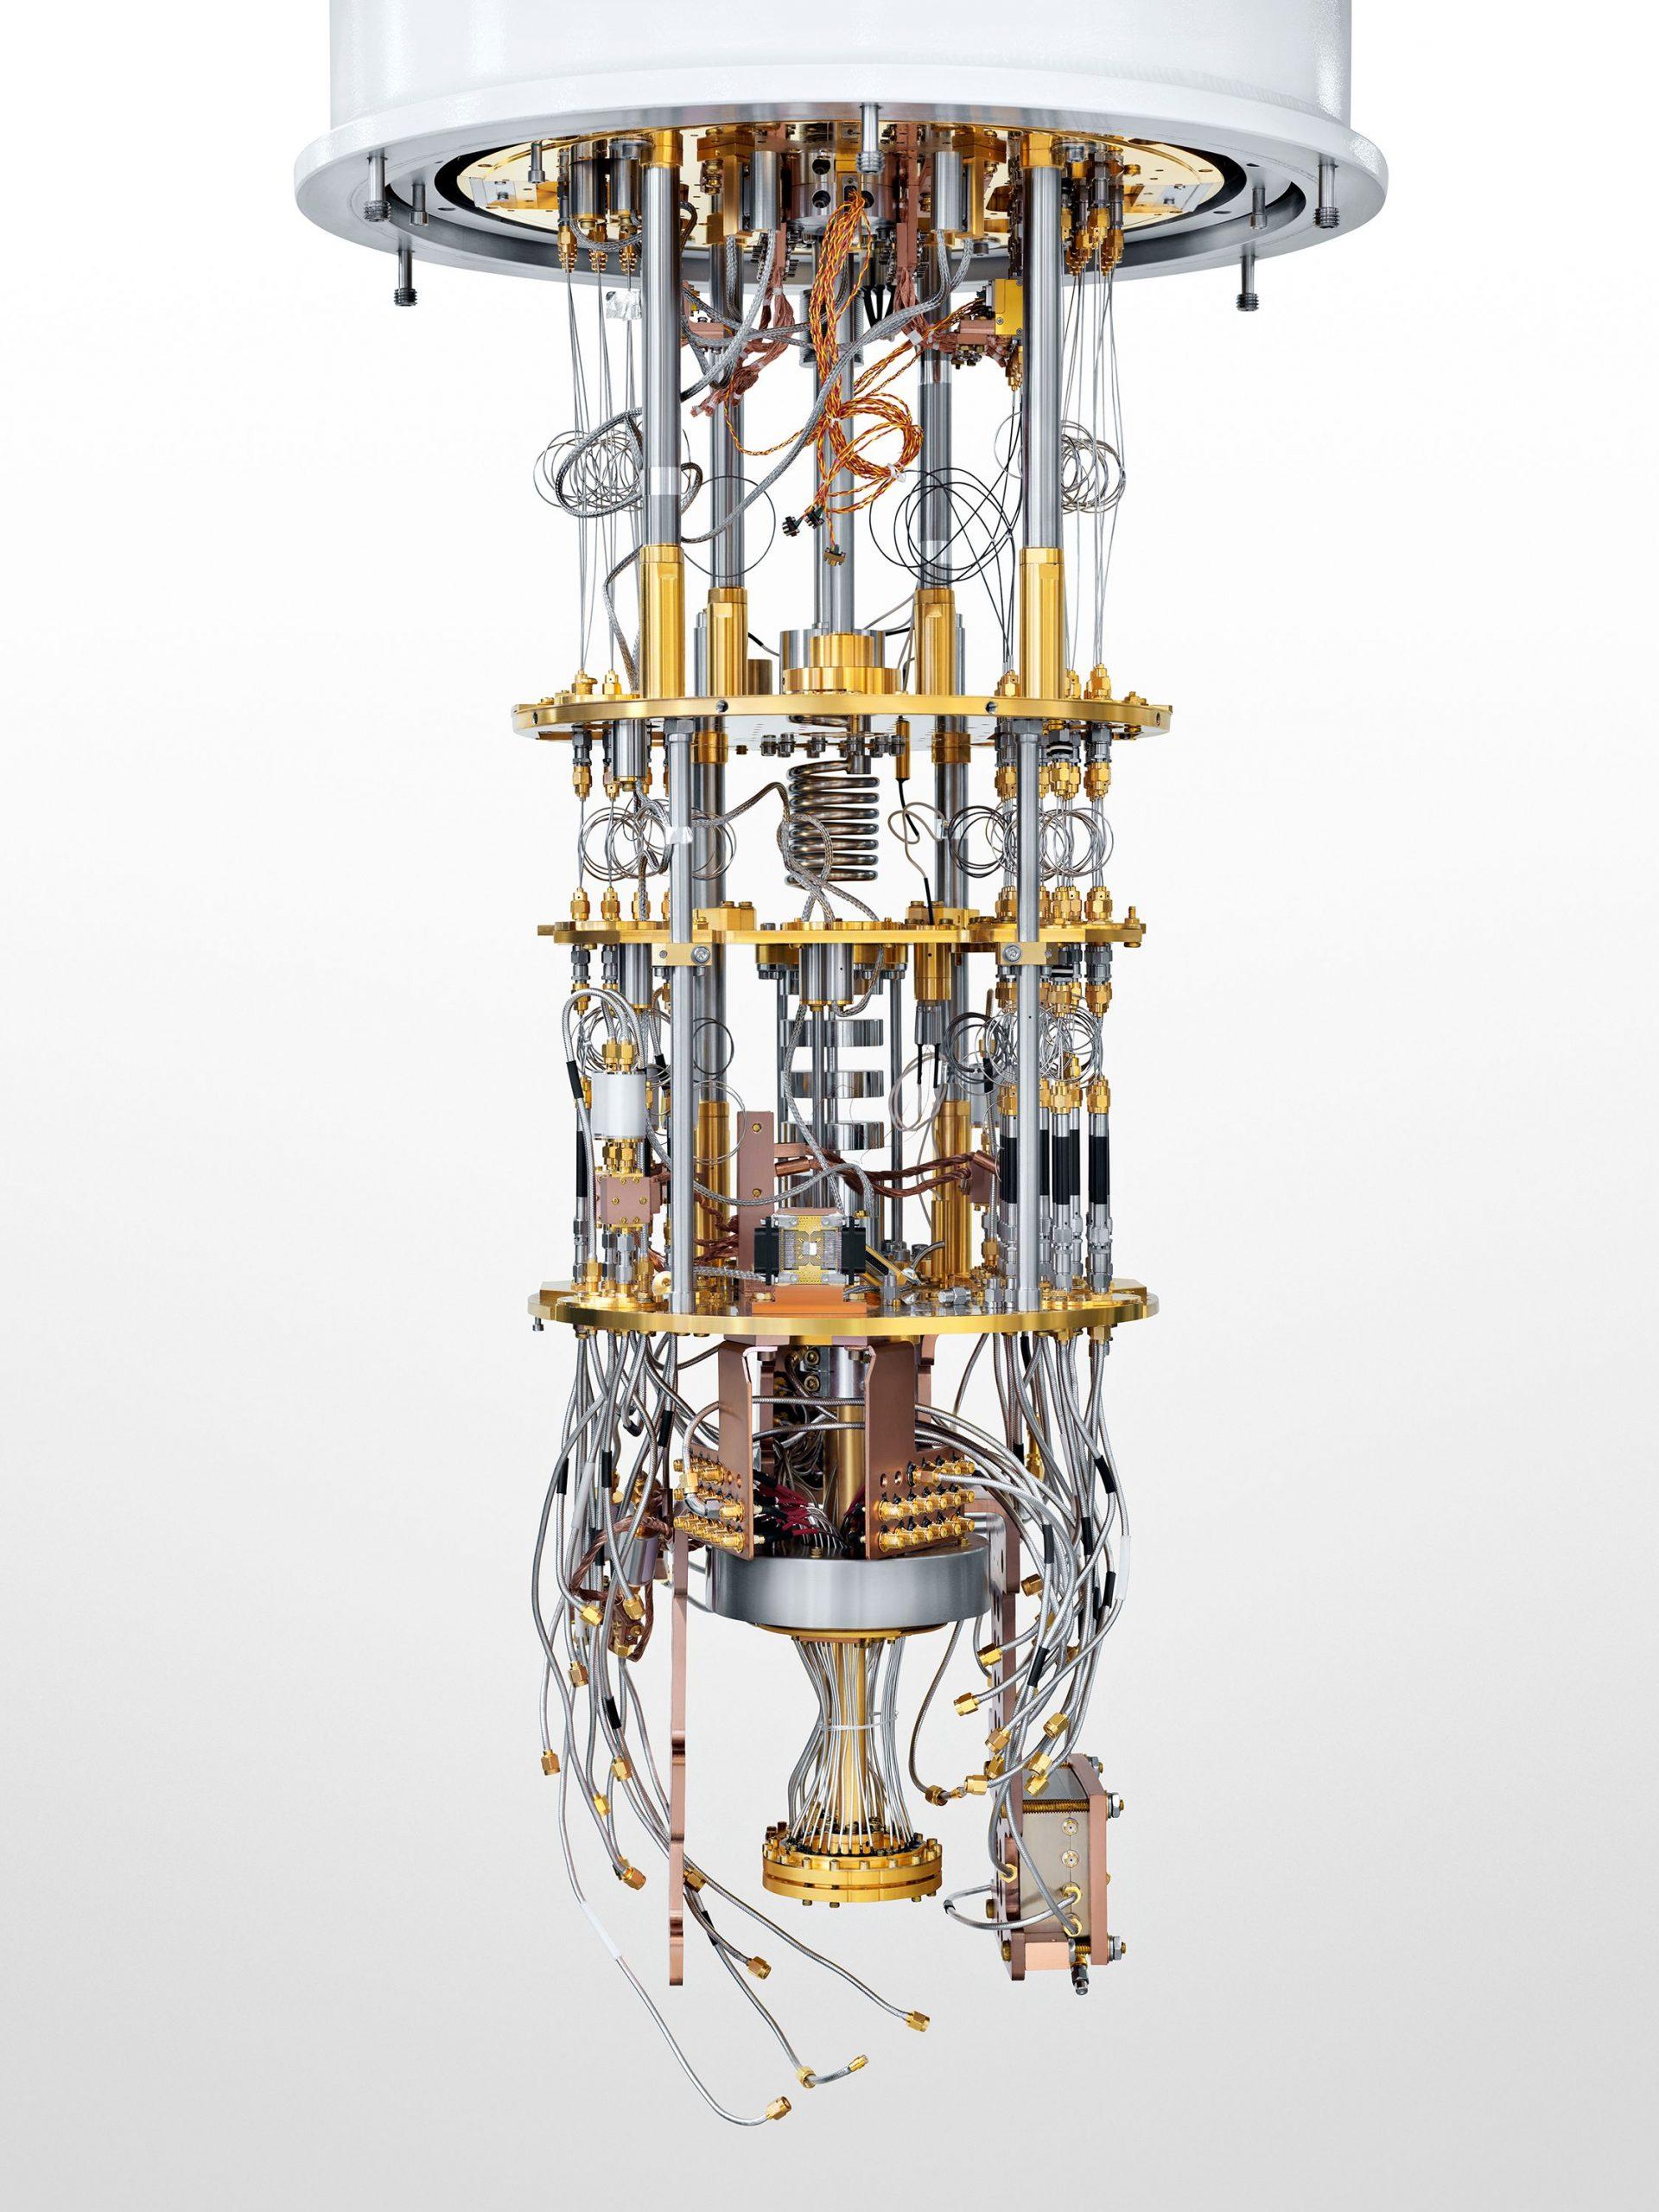 量子コンピューター開発競争 グーグル対IBMの舞台裏